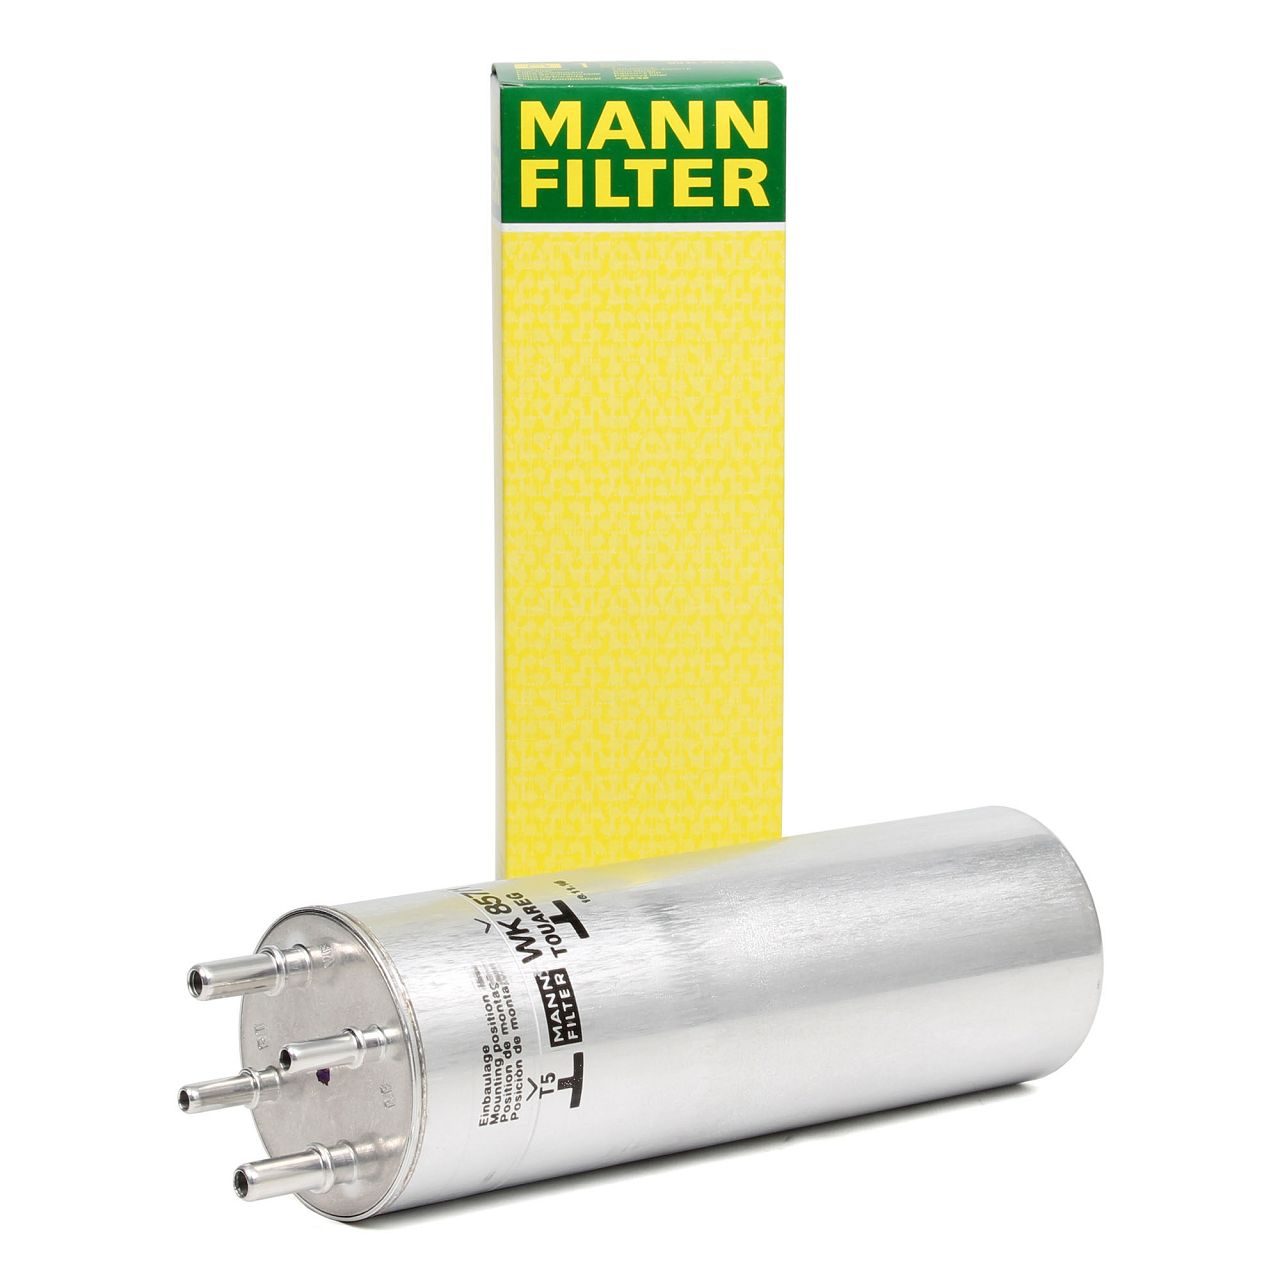 MANN Kraftstofffilter Dieselfilter für VW TRANSPORTER T5 TOUAREG 1.9 bis 2.5 TDI